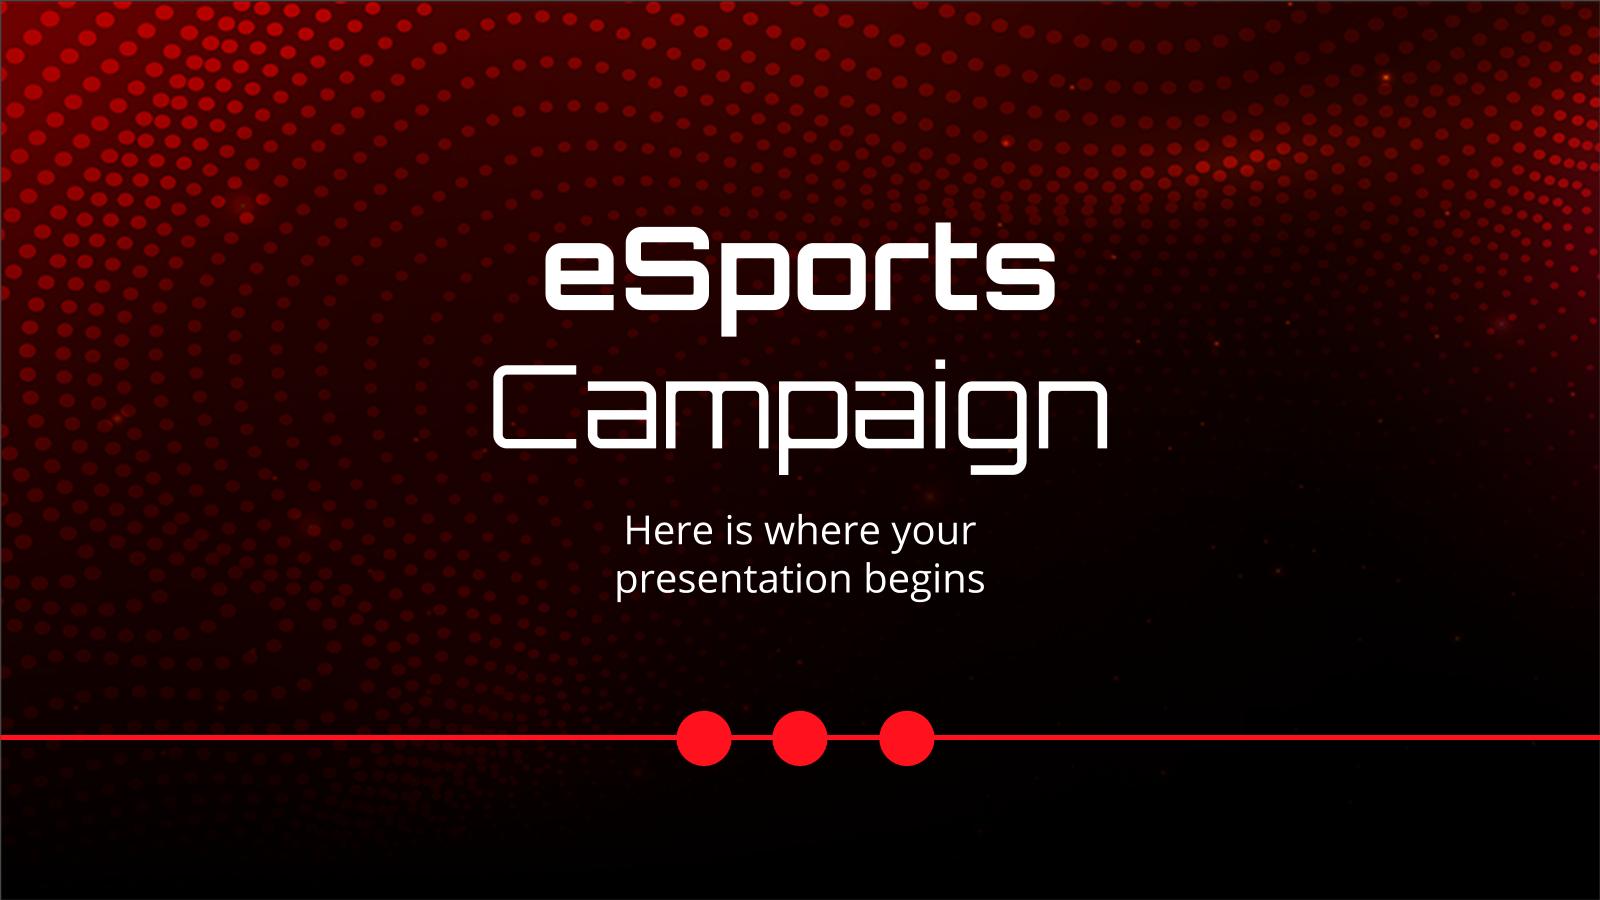 eSports Campaign presentation template